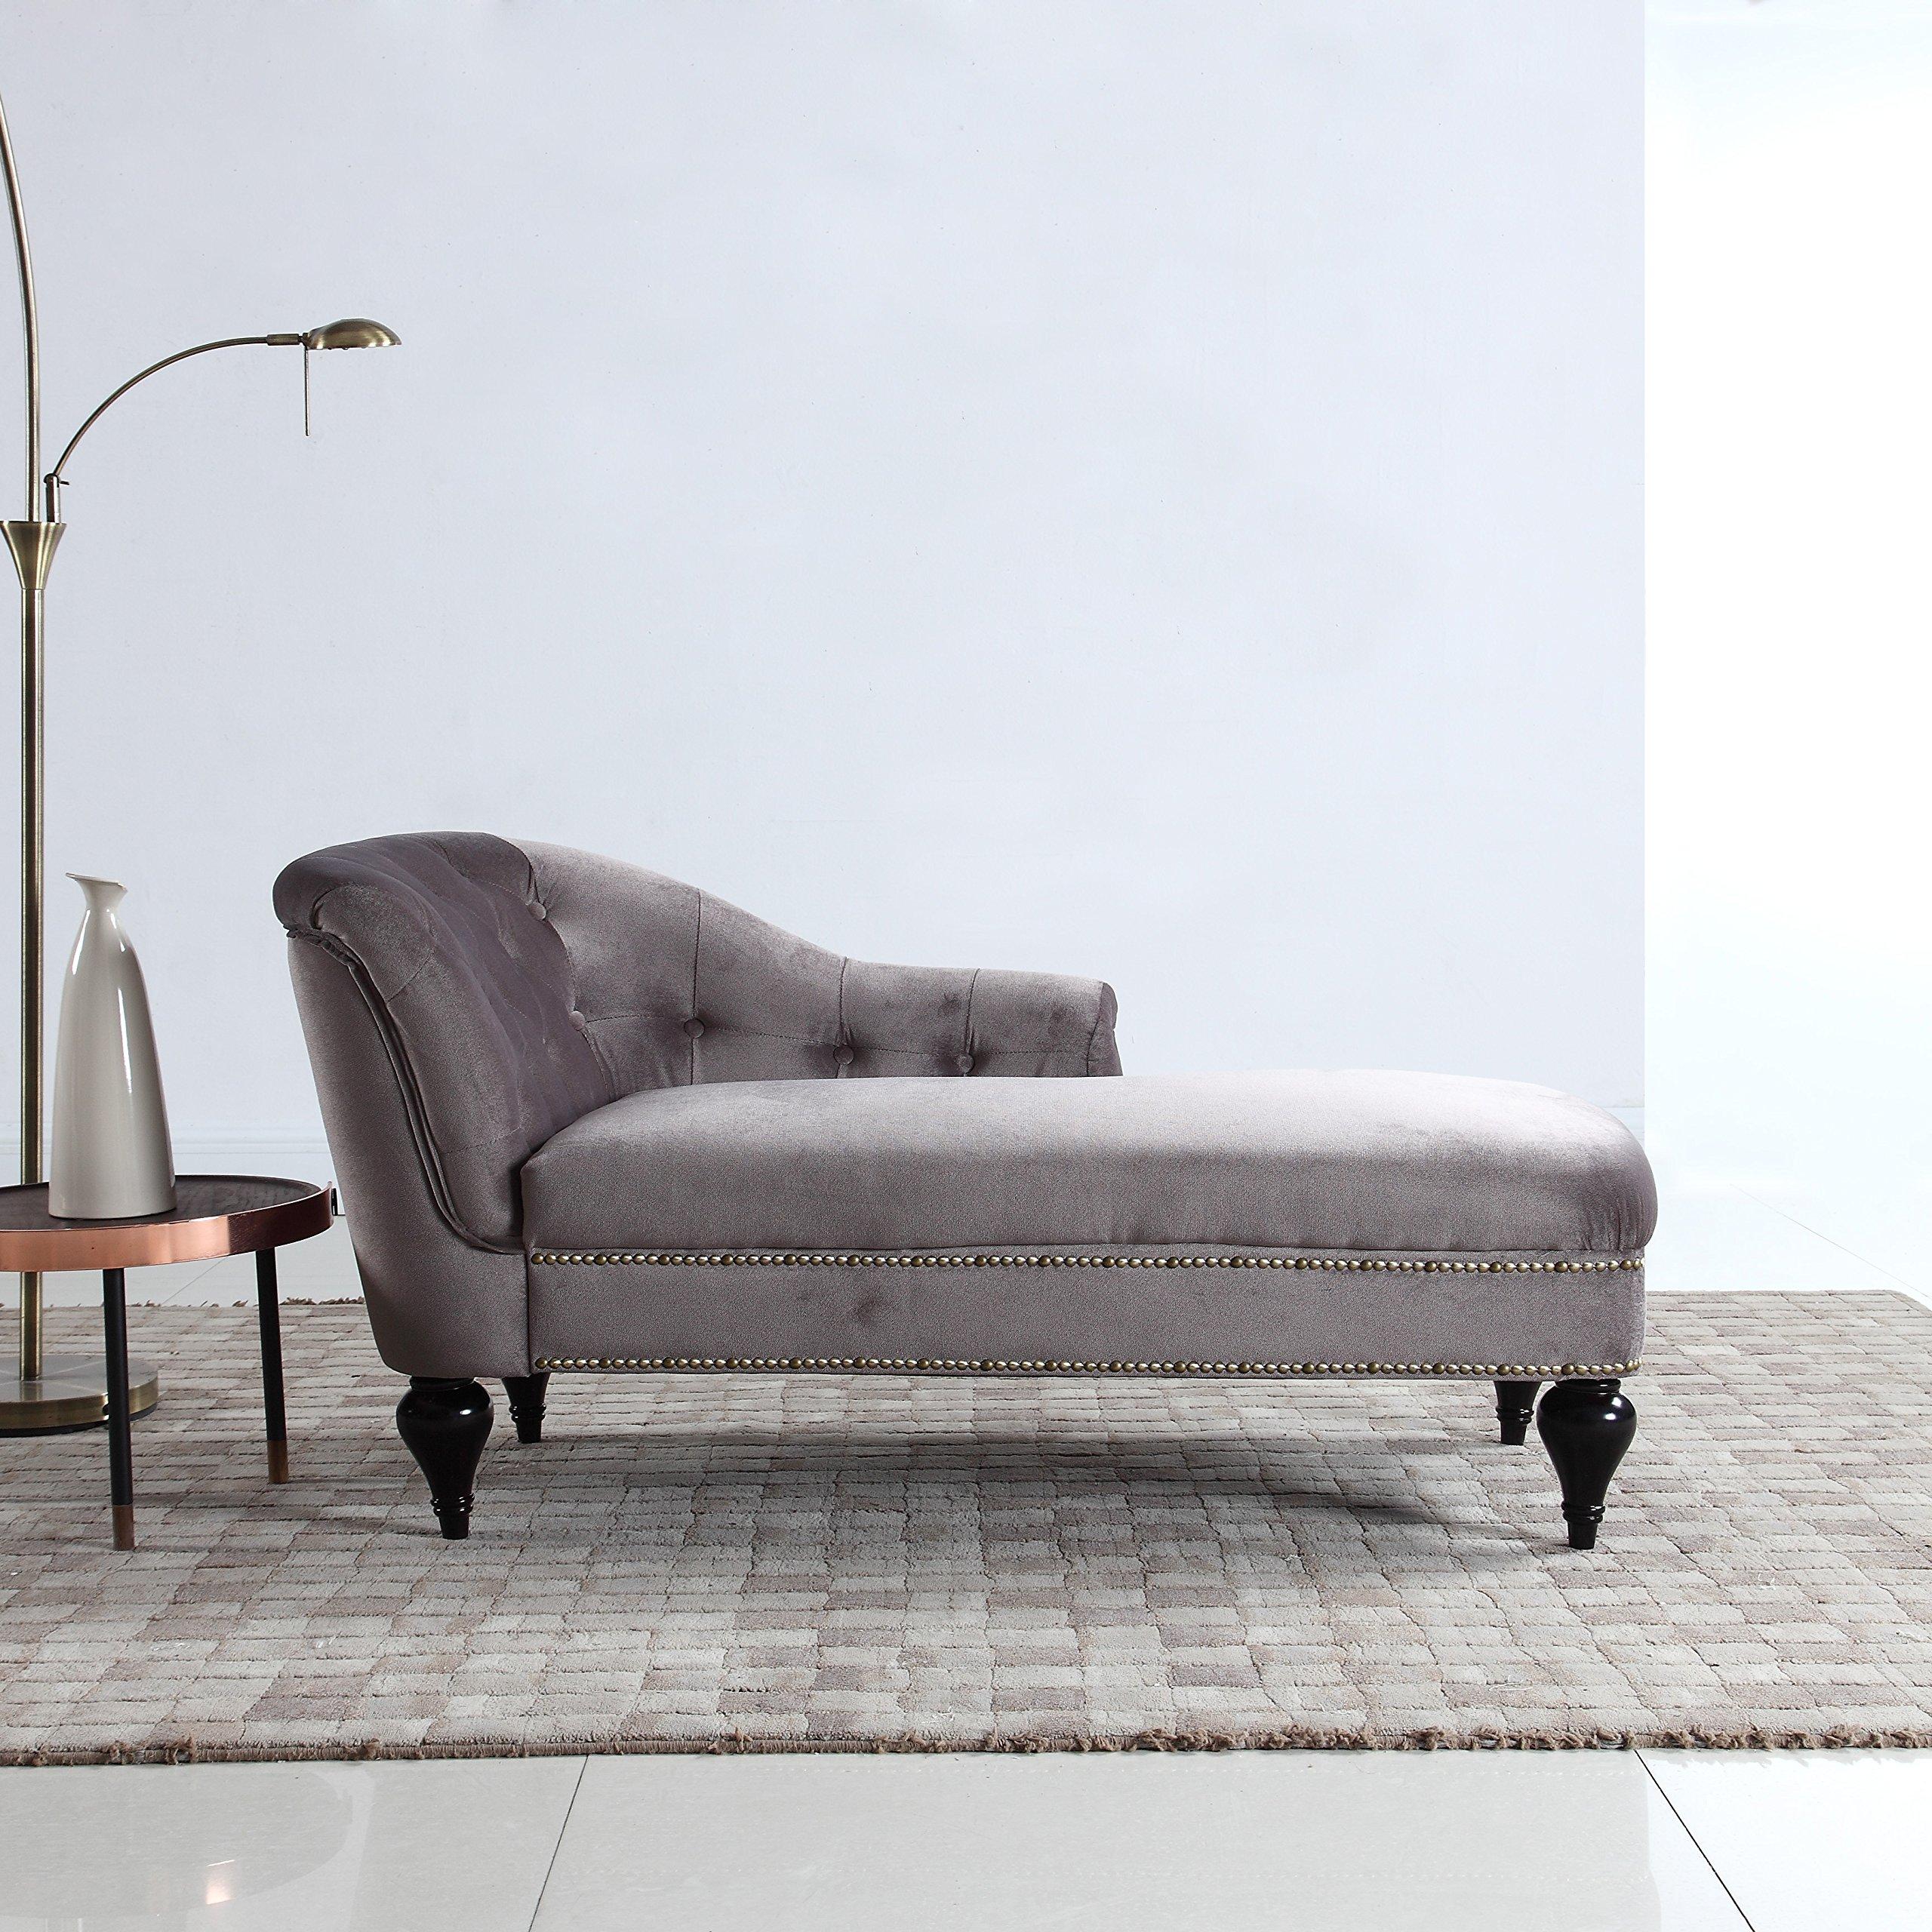 Modern and Elegant Kid's Velvet Chaise Lounge for Living room or Bedroom (Light Grey)